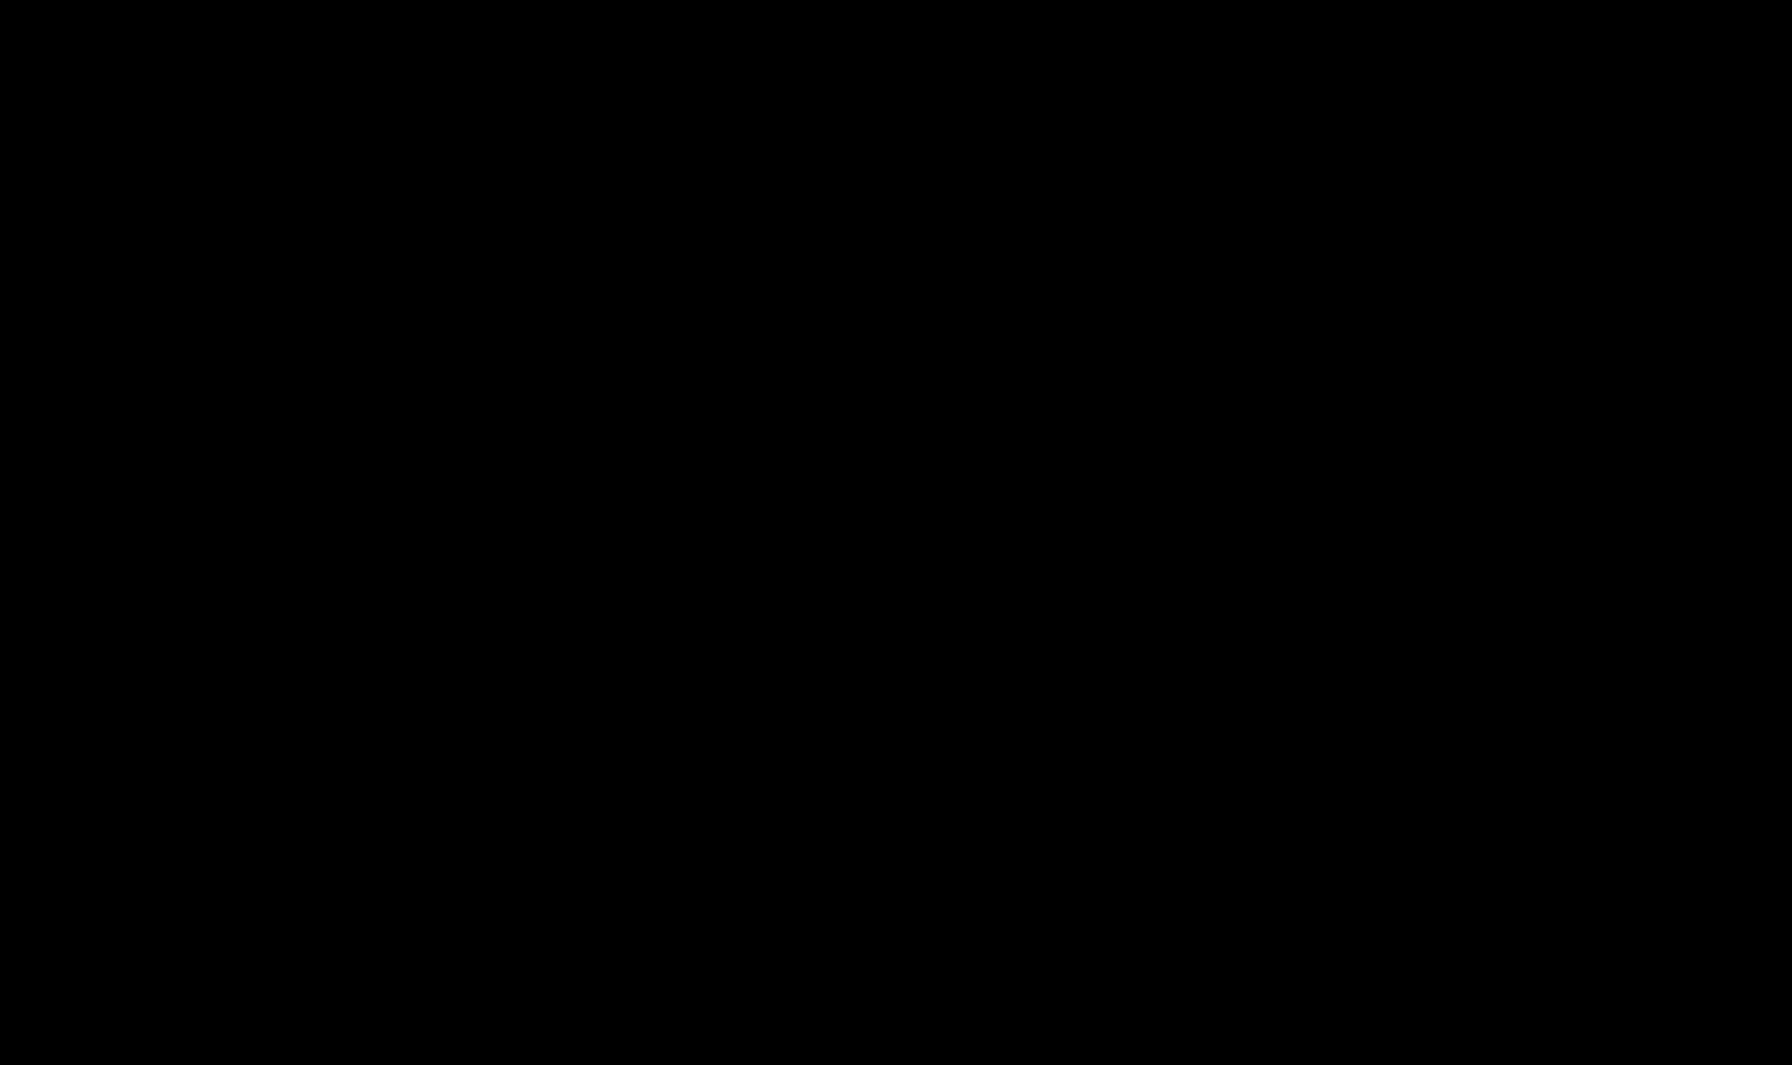 NHS-dPEG®₄-(m-dPEG®₈)₃-ester